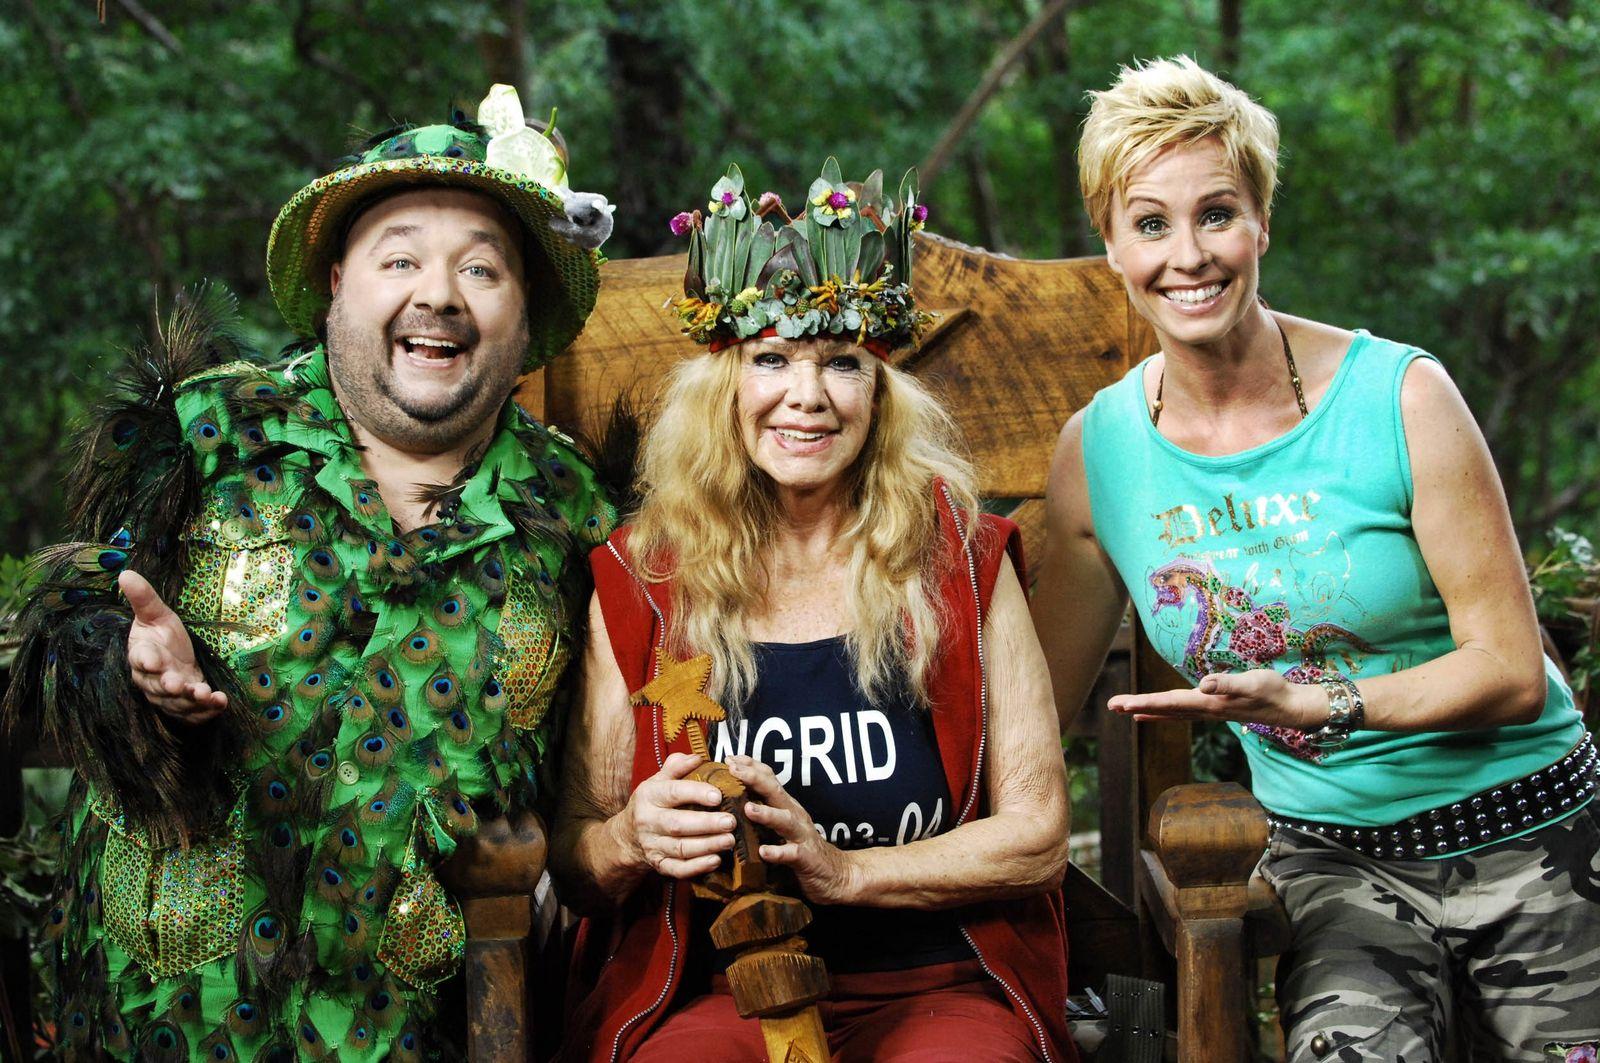 NUR FÜR SPAM Ingrid van Bergen ist neue Dschungel-Königin